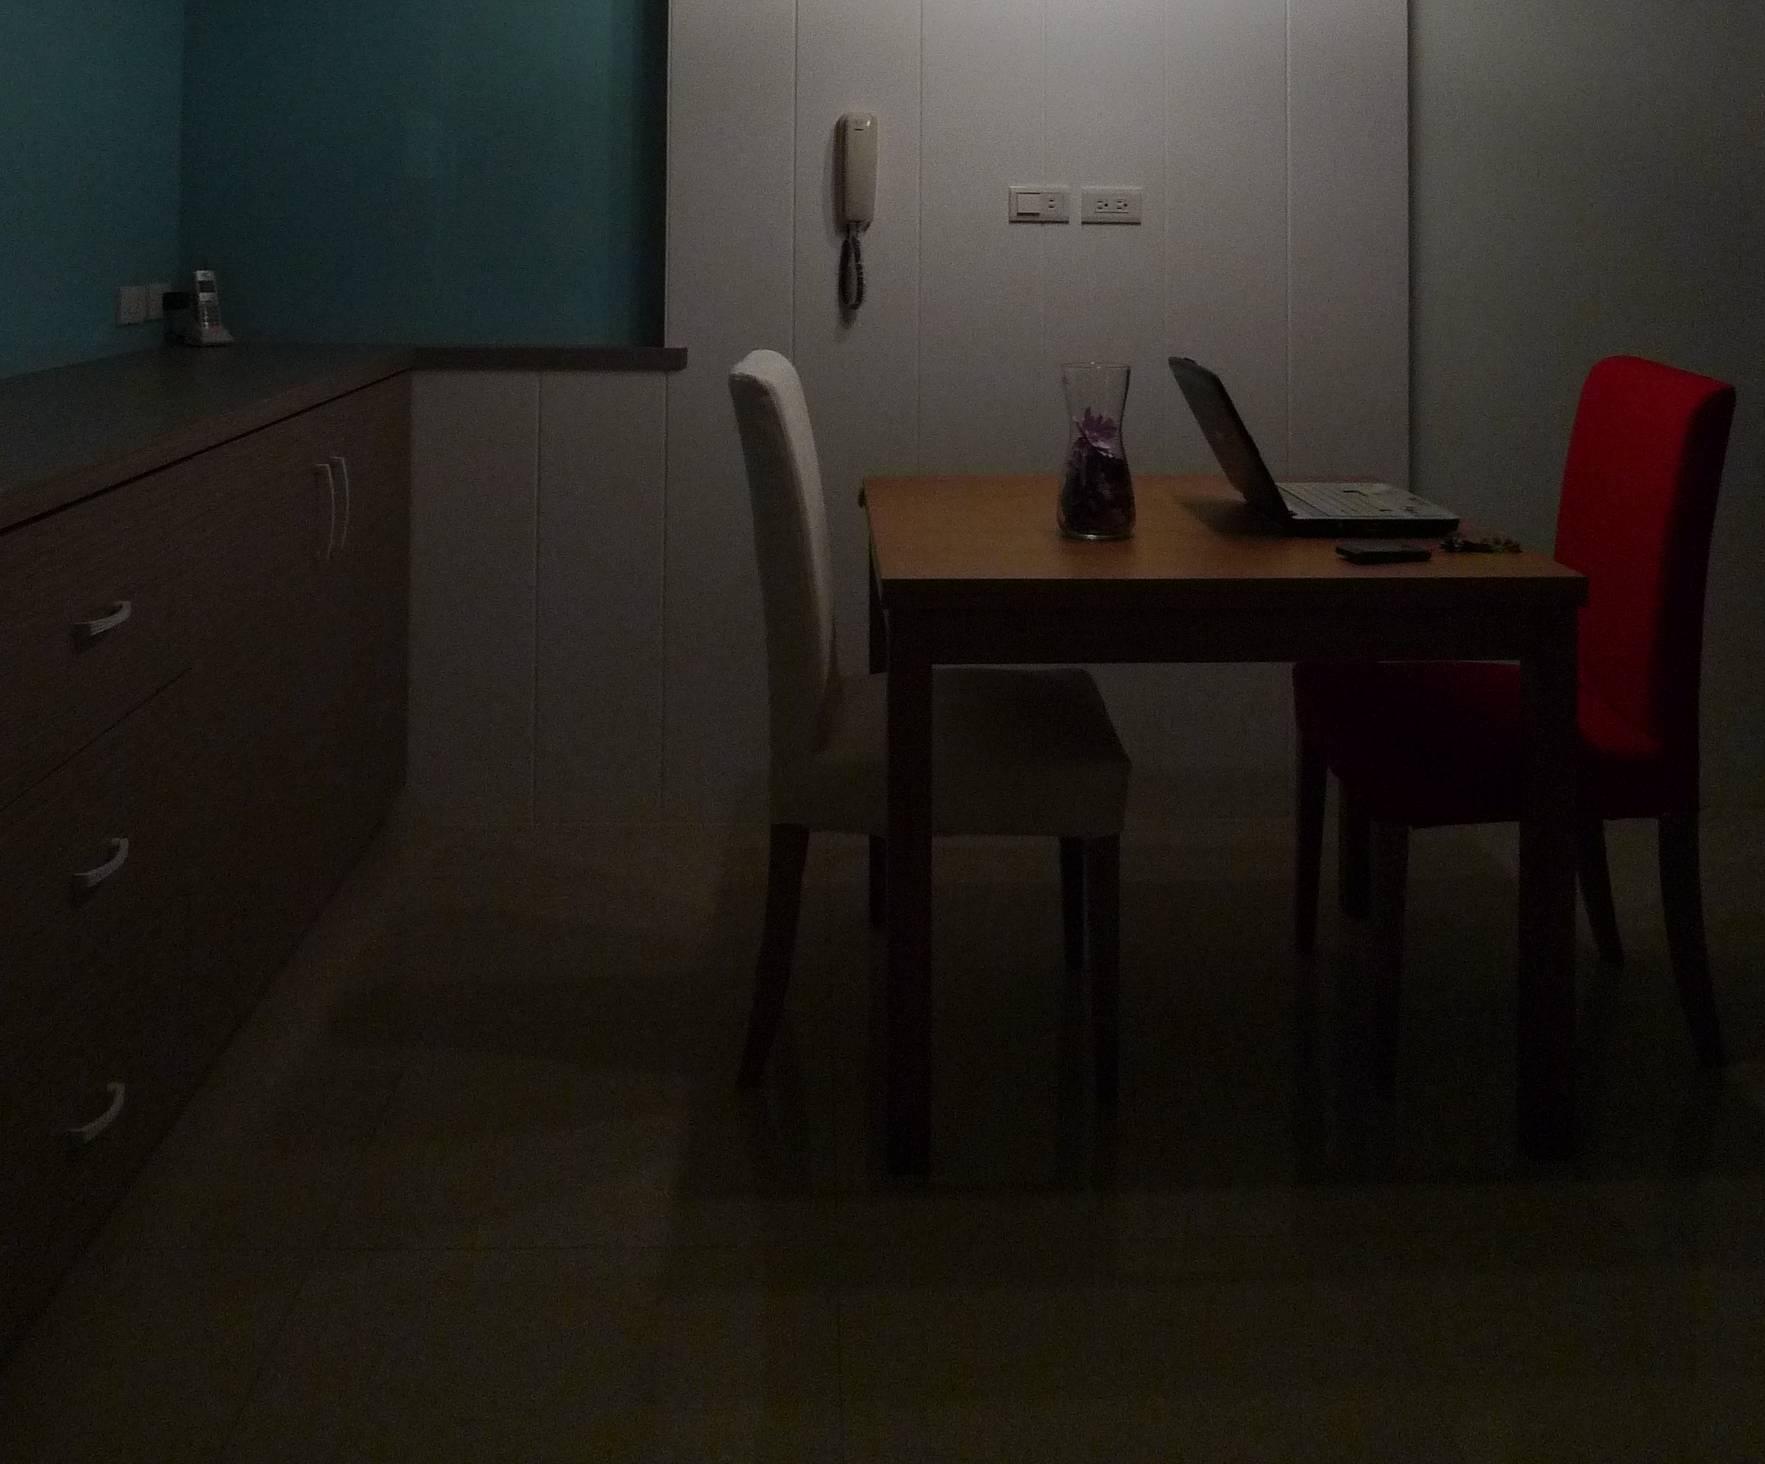 鄒迷藏設計|人衣人兒工作室